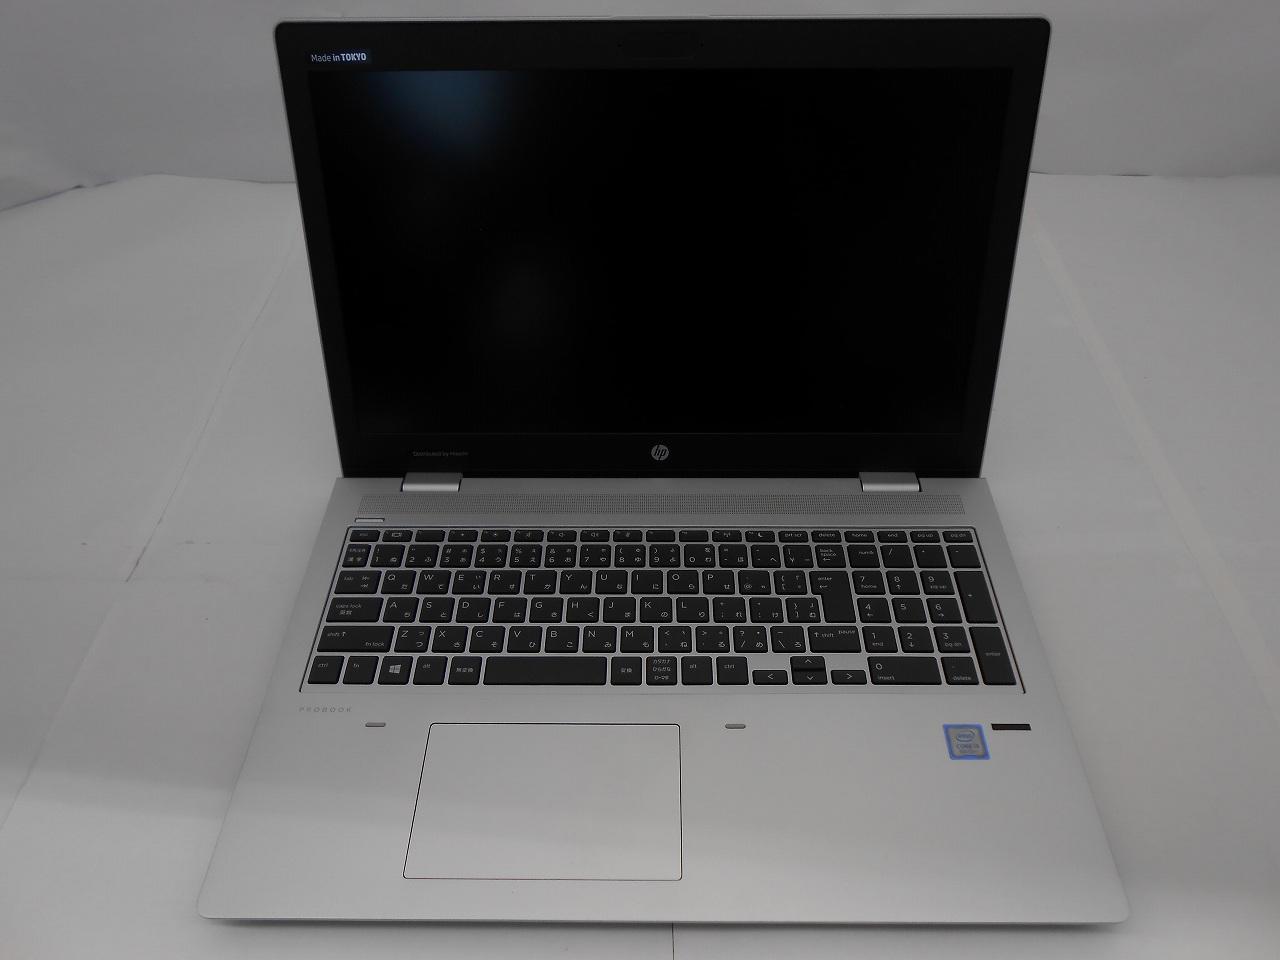 【新品未使用品】HP ProBook 650 G4/2018年モデル/Corei3 8130U 2.2GHz/メモリ16GB/HDD500GB/15インチ/Windows10Home【2024年10月までメーカー保証】【足立店発送】